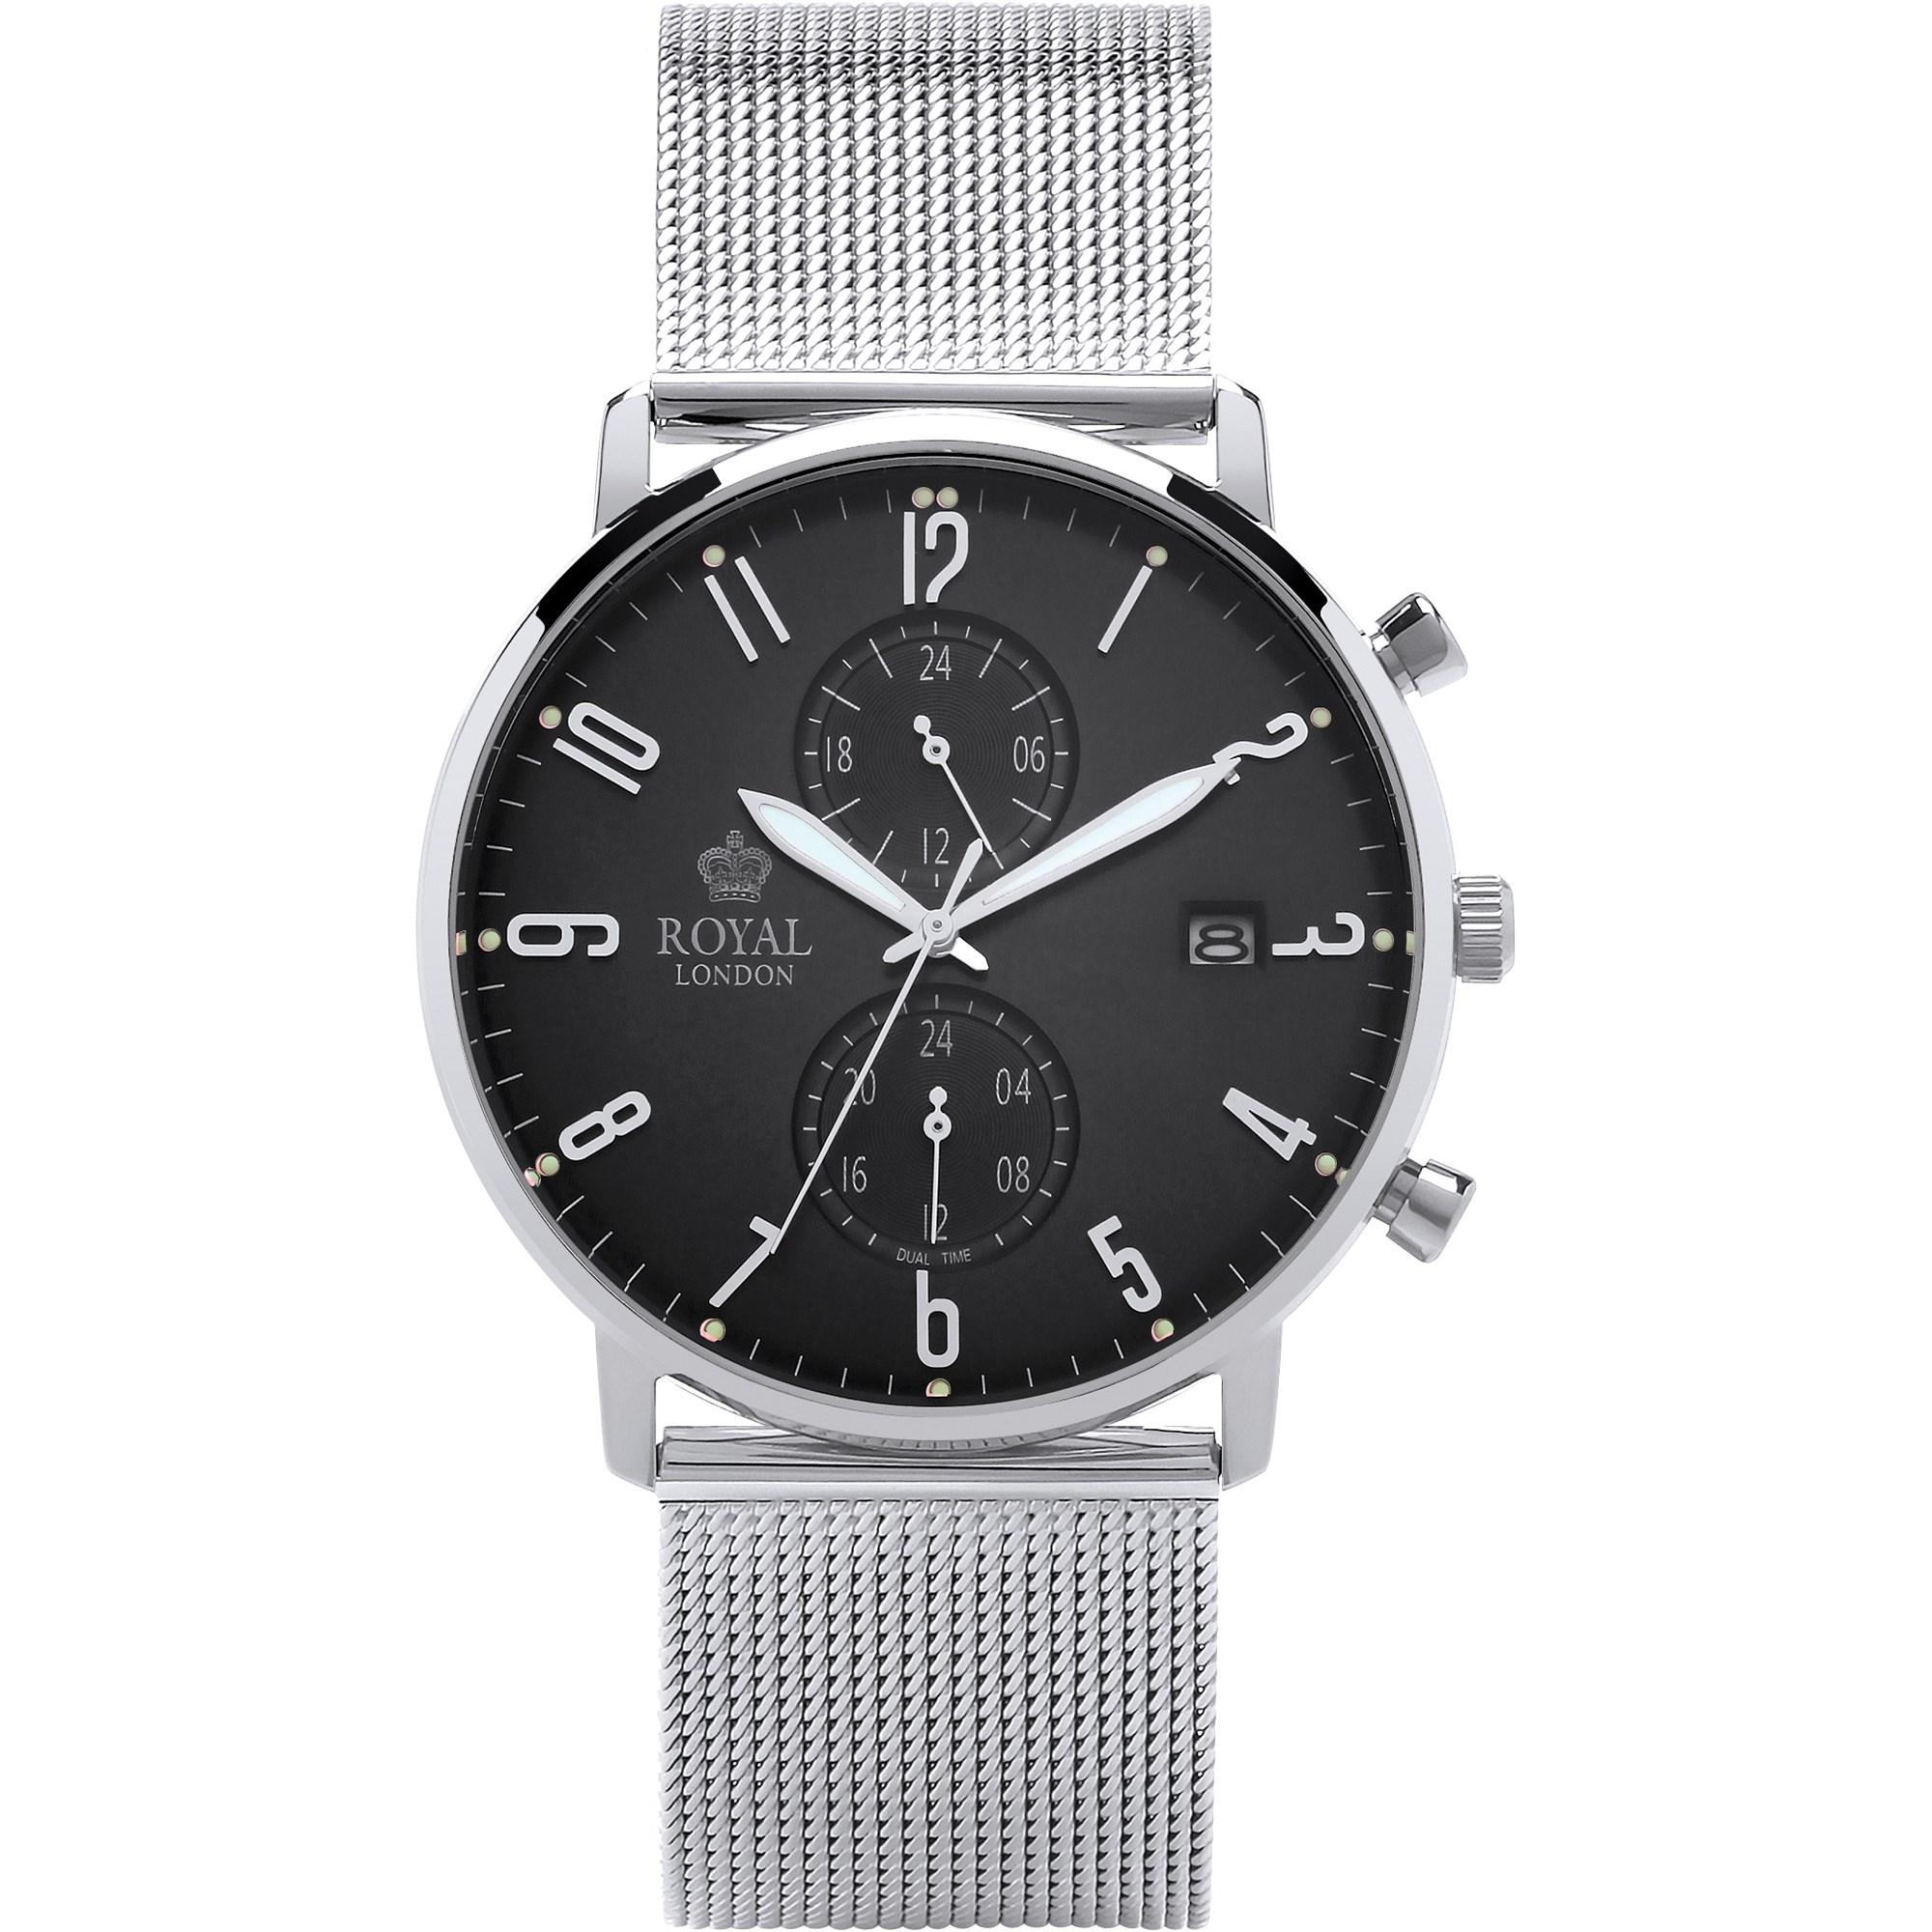 ساعت مچی عقربه ای مردانه رویال لندن مدل RL-41352-10